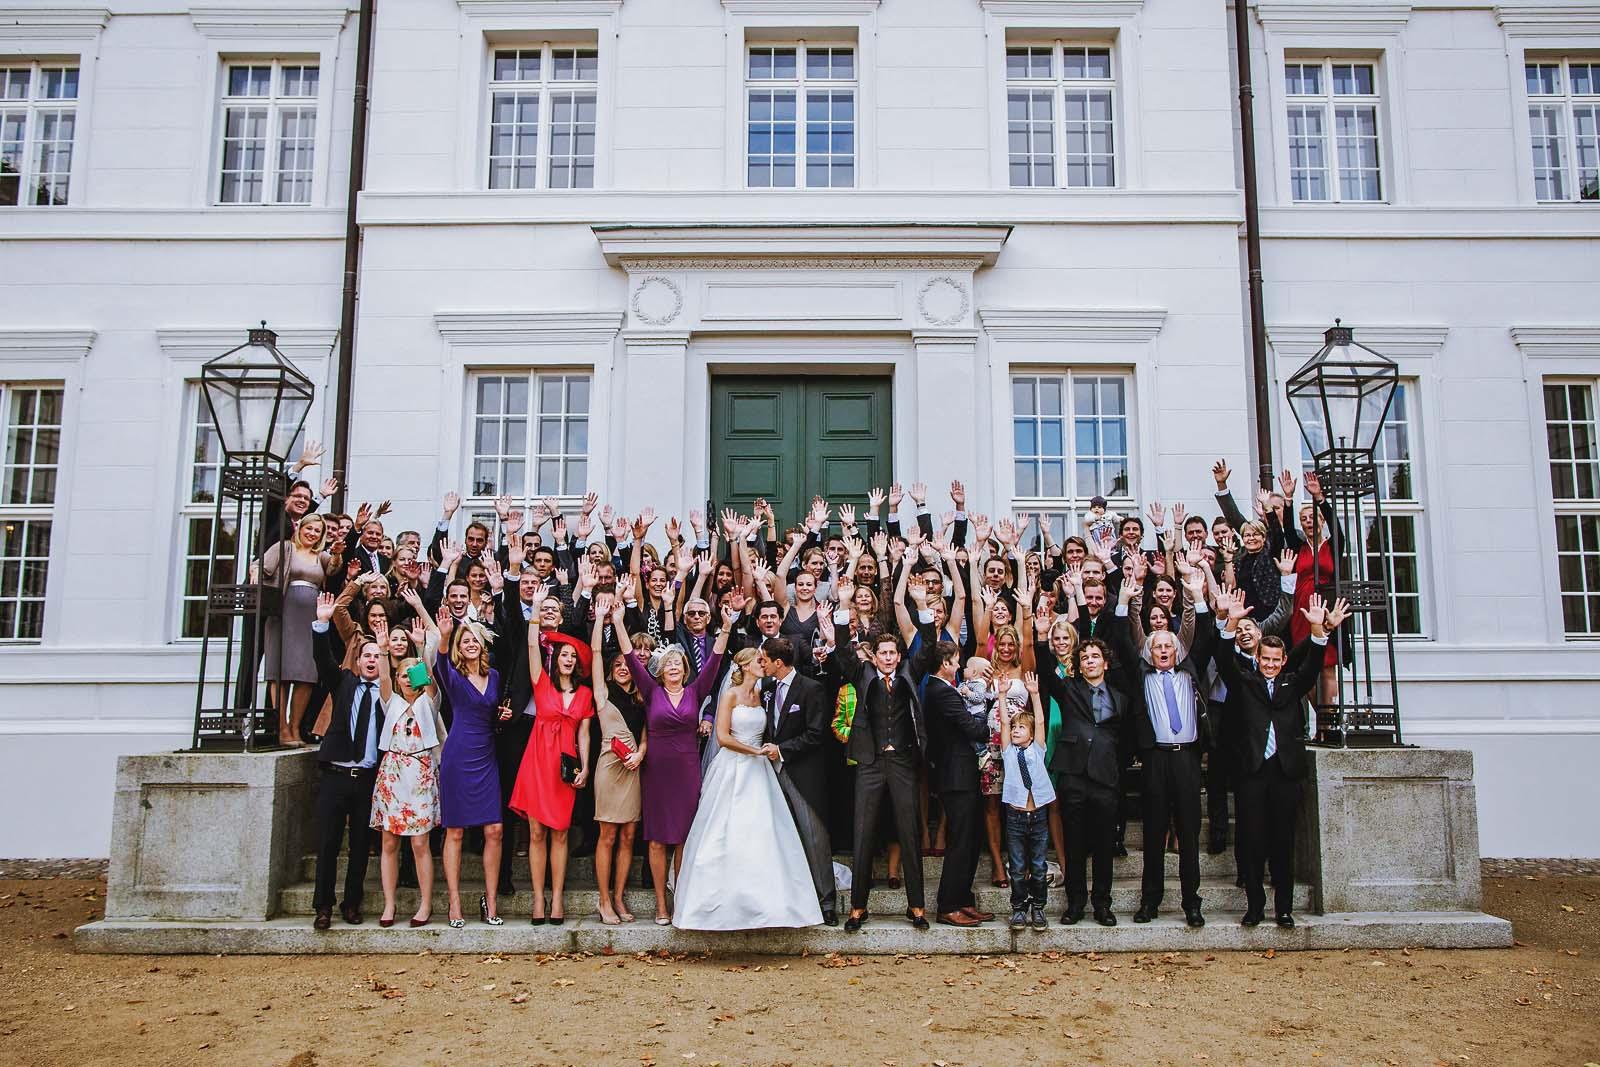 Gruppenfoto einer Hochzeitsgesellschaft am Schloss Neuhardenberg Copyright by Hochzeitsfotograf www.berliner-hochzeitsfotografie.de